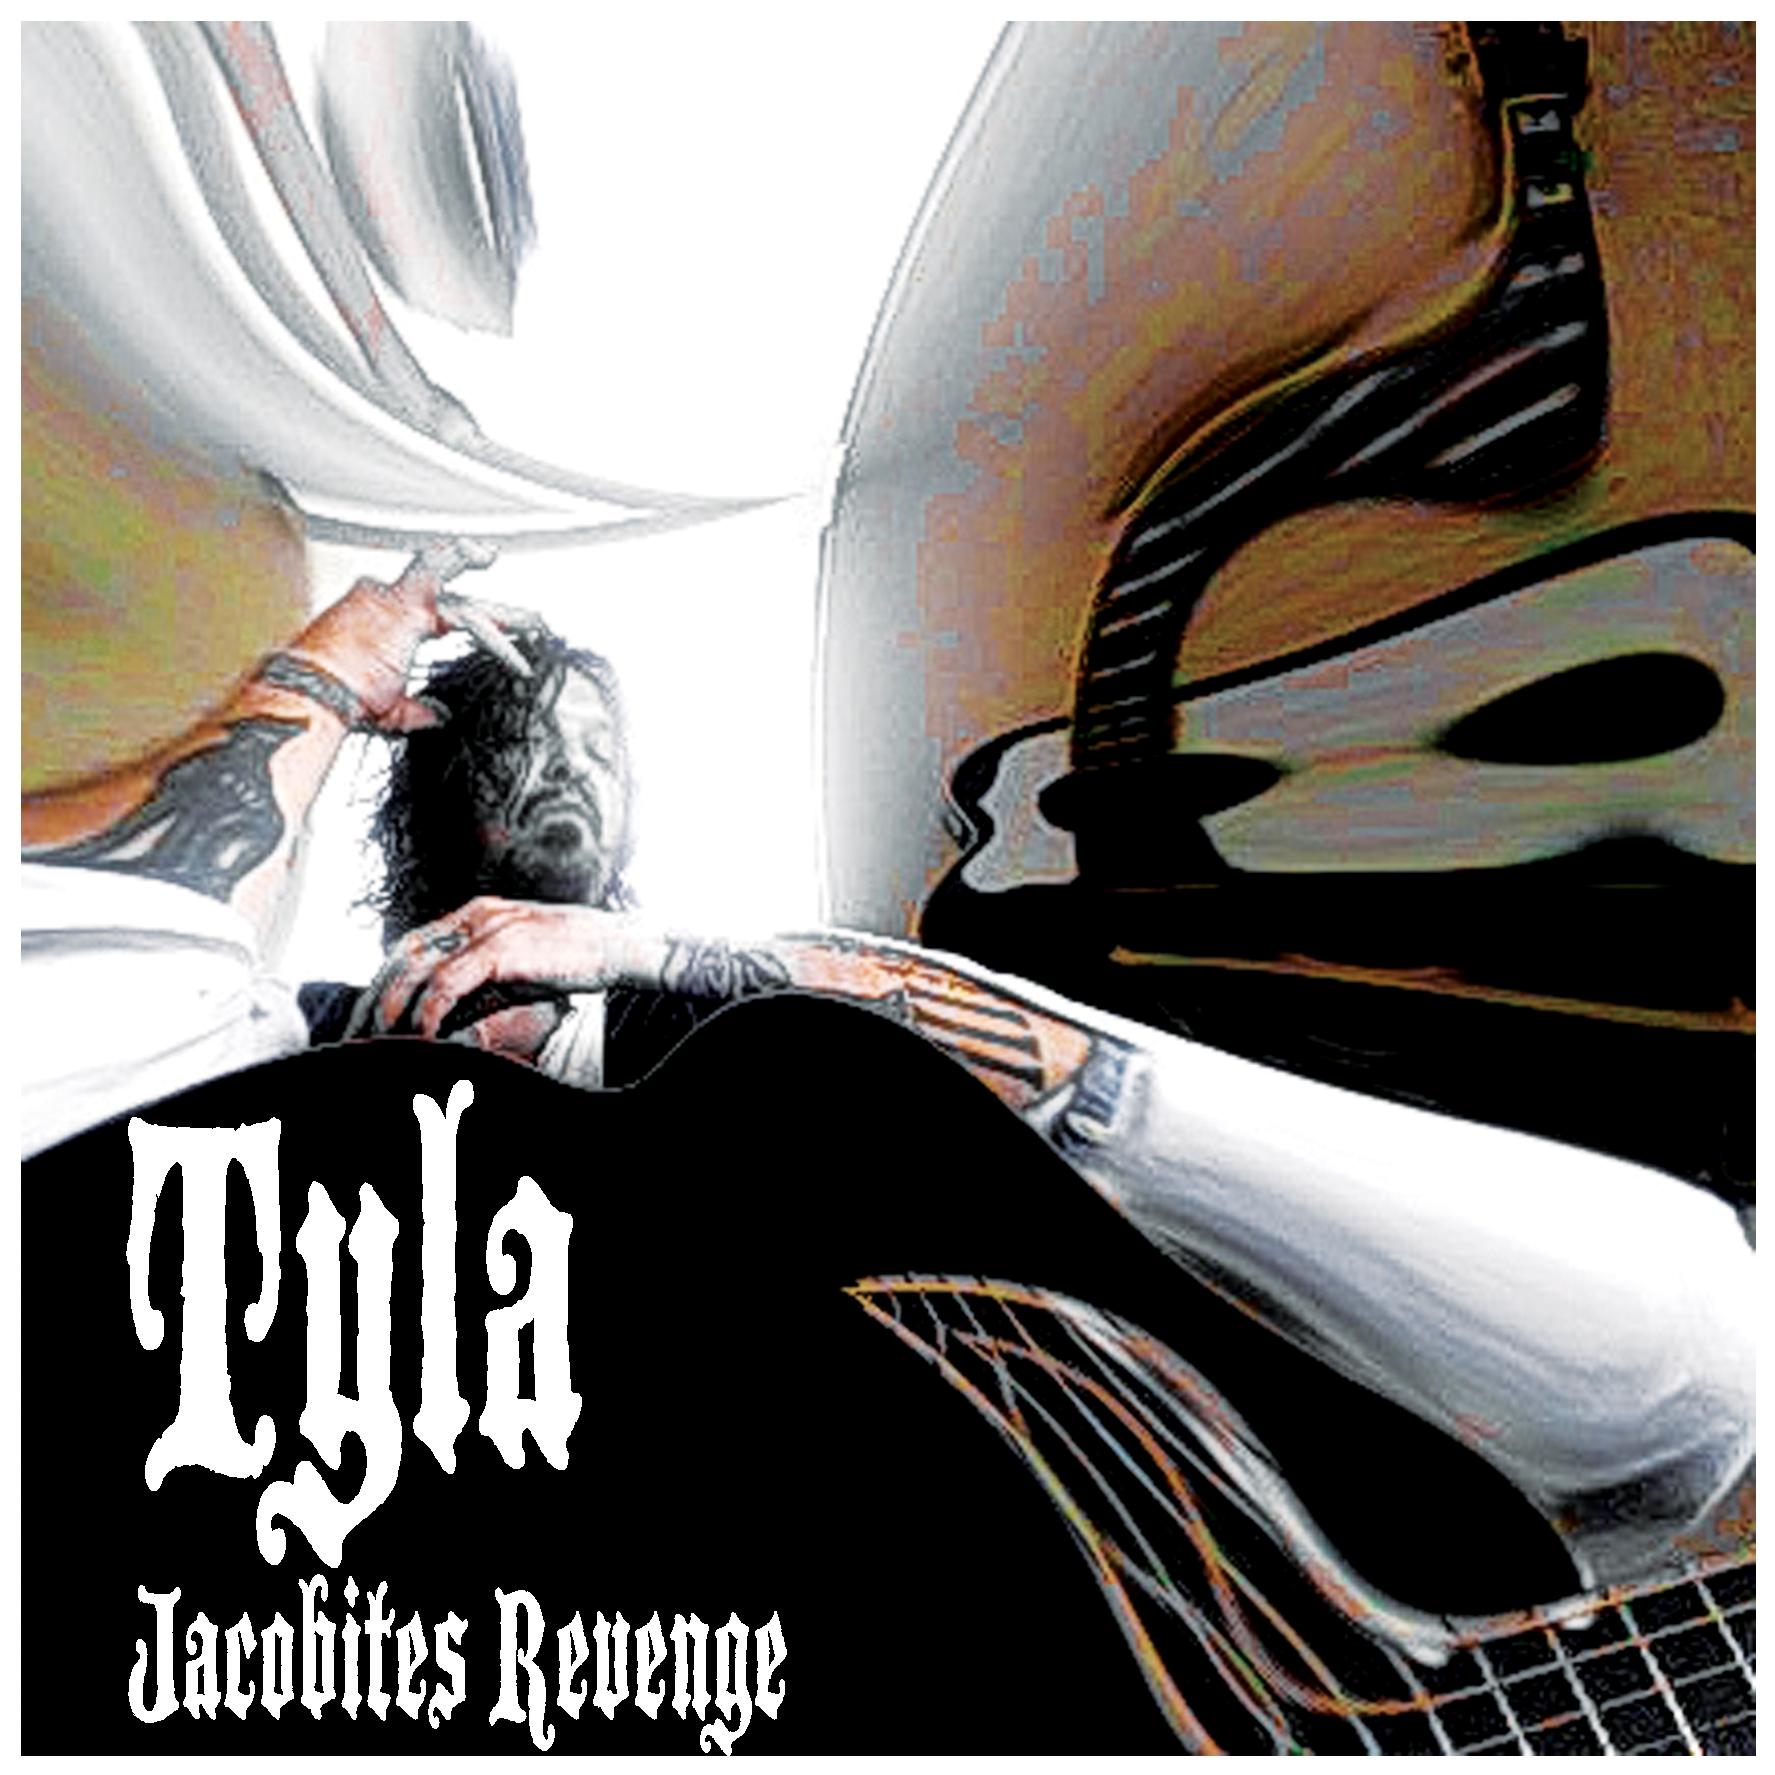 TJP - Jacobites Revenge